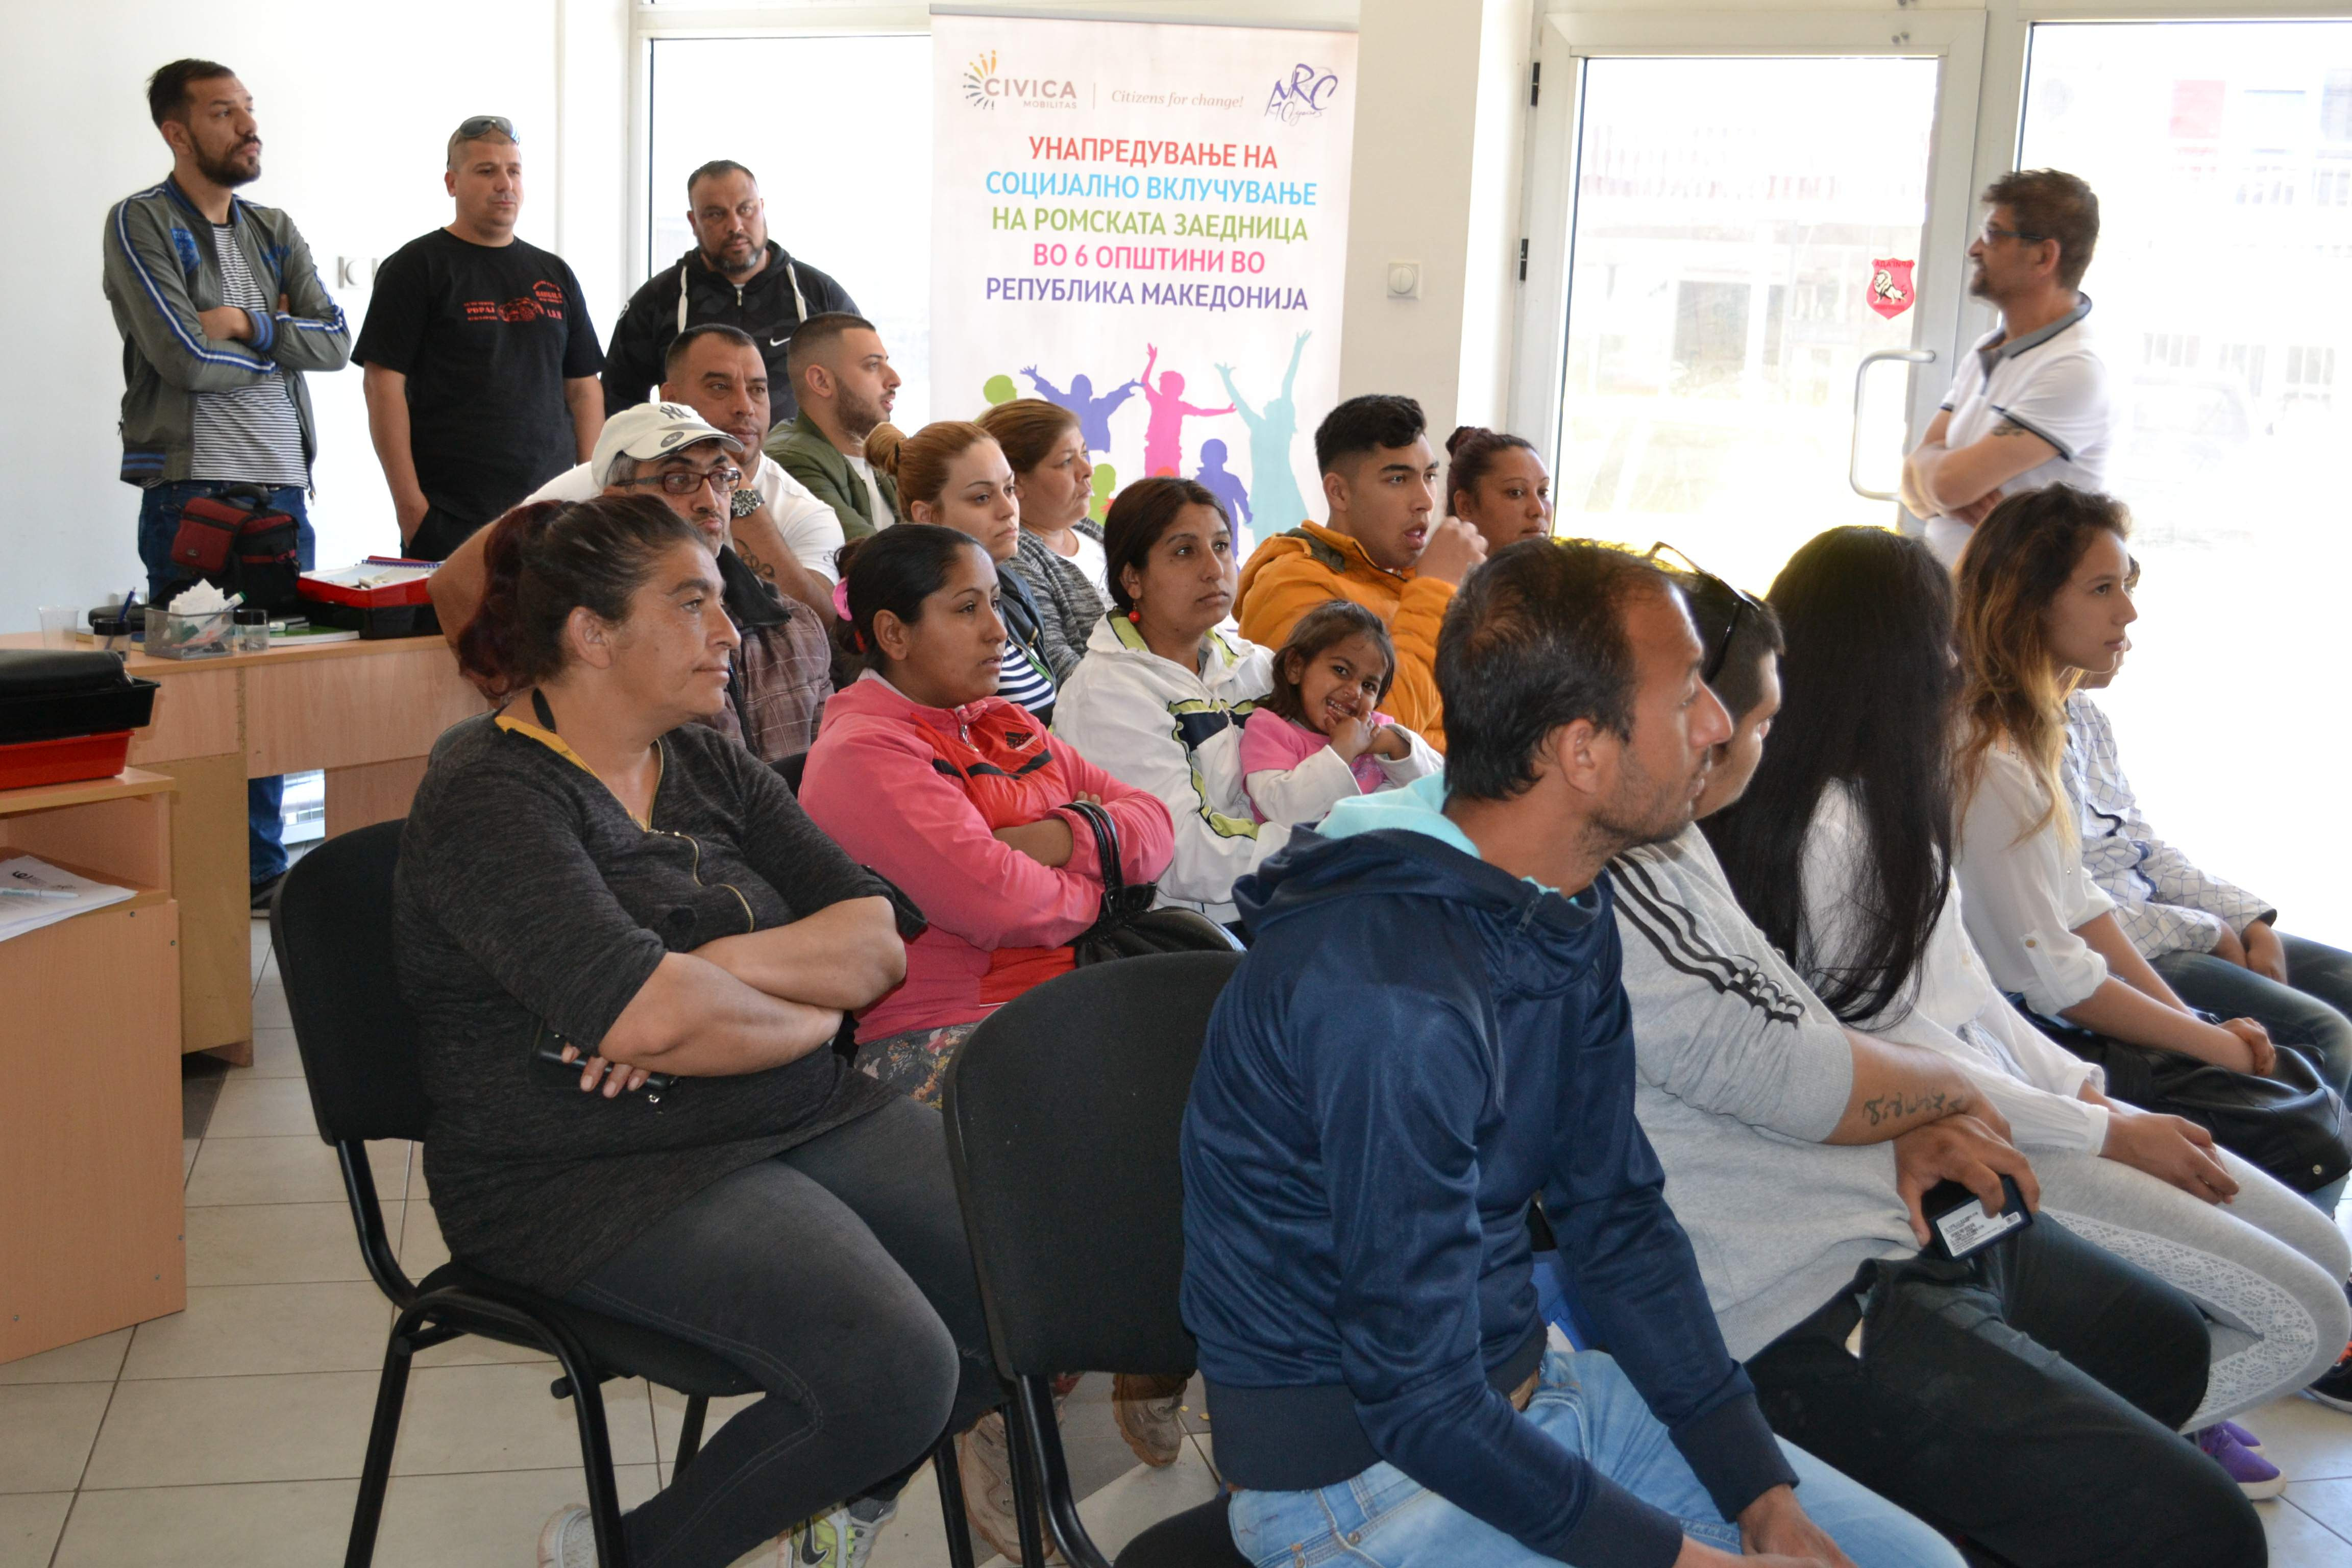 04.04.2018 CRC PREZENTACIJA Shtip 0007